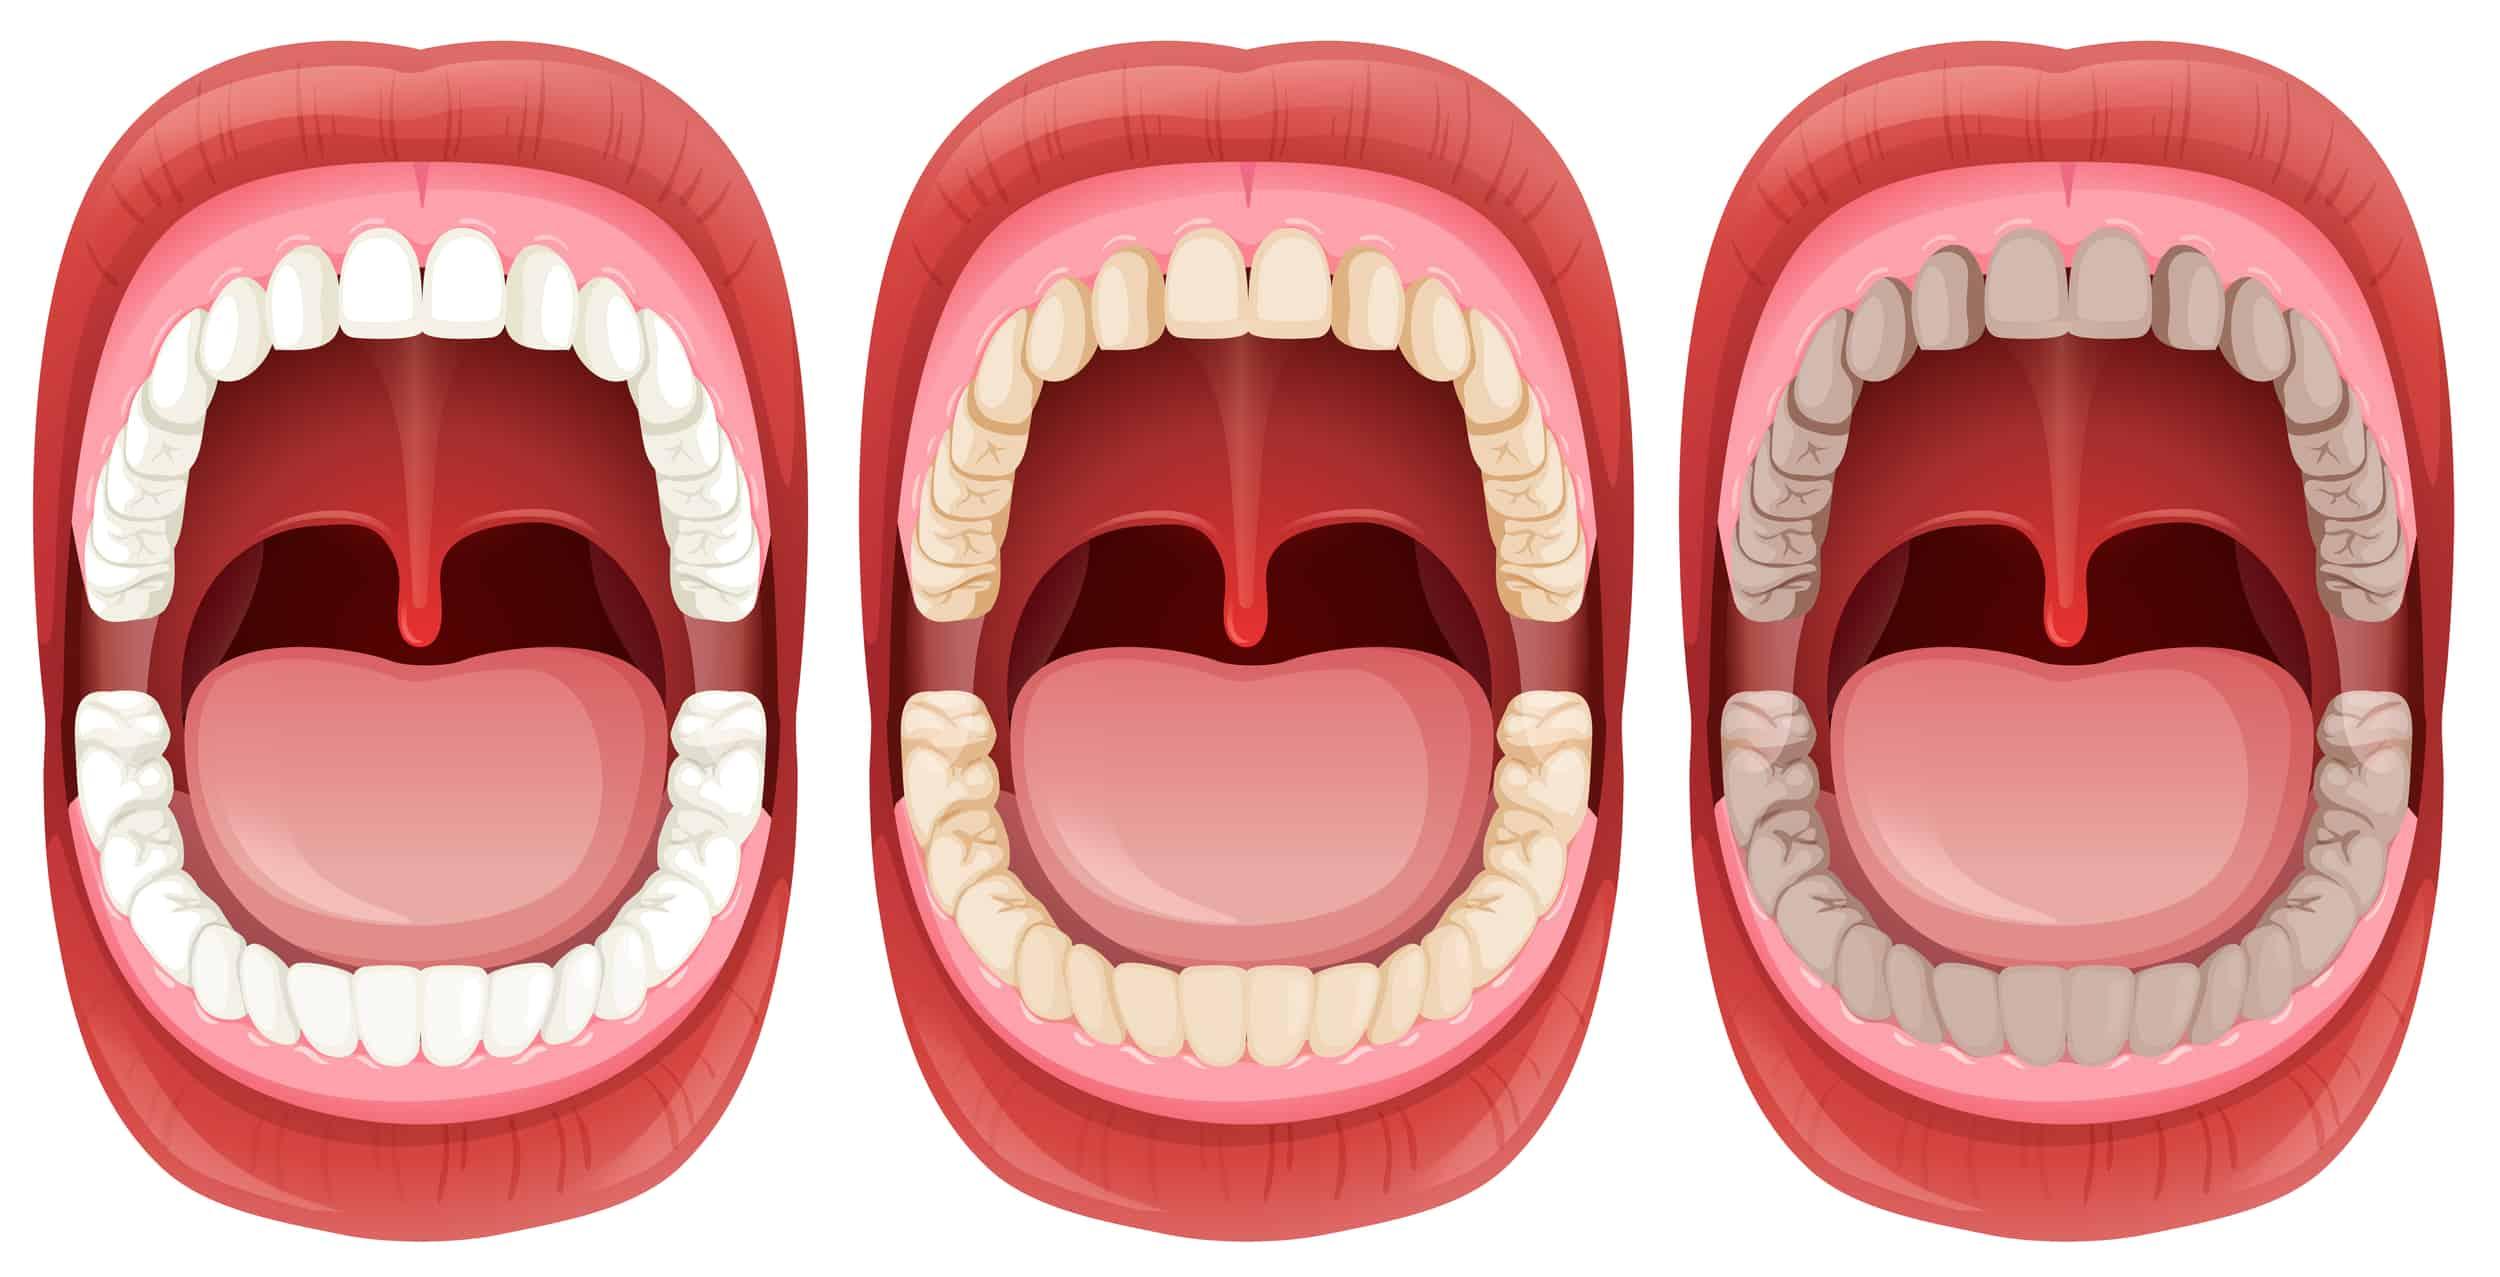 Foster Oral Hygiene